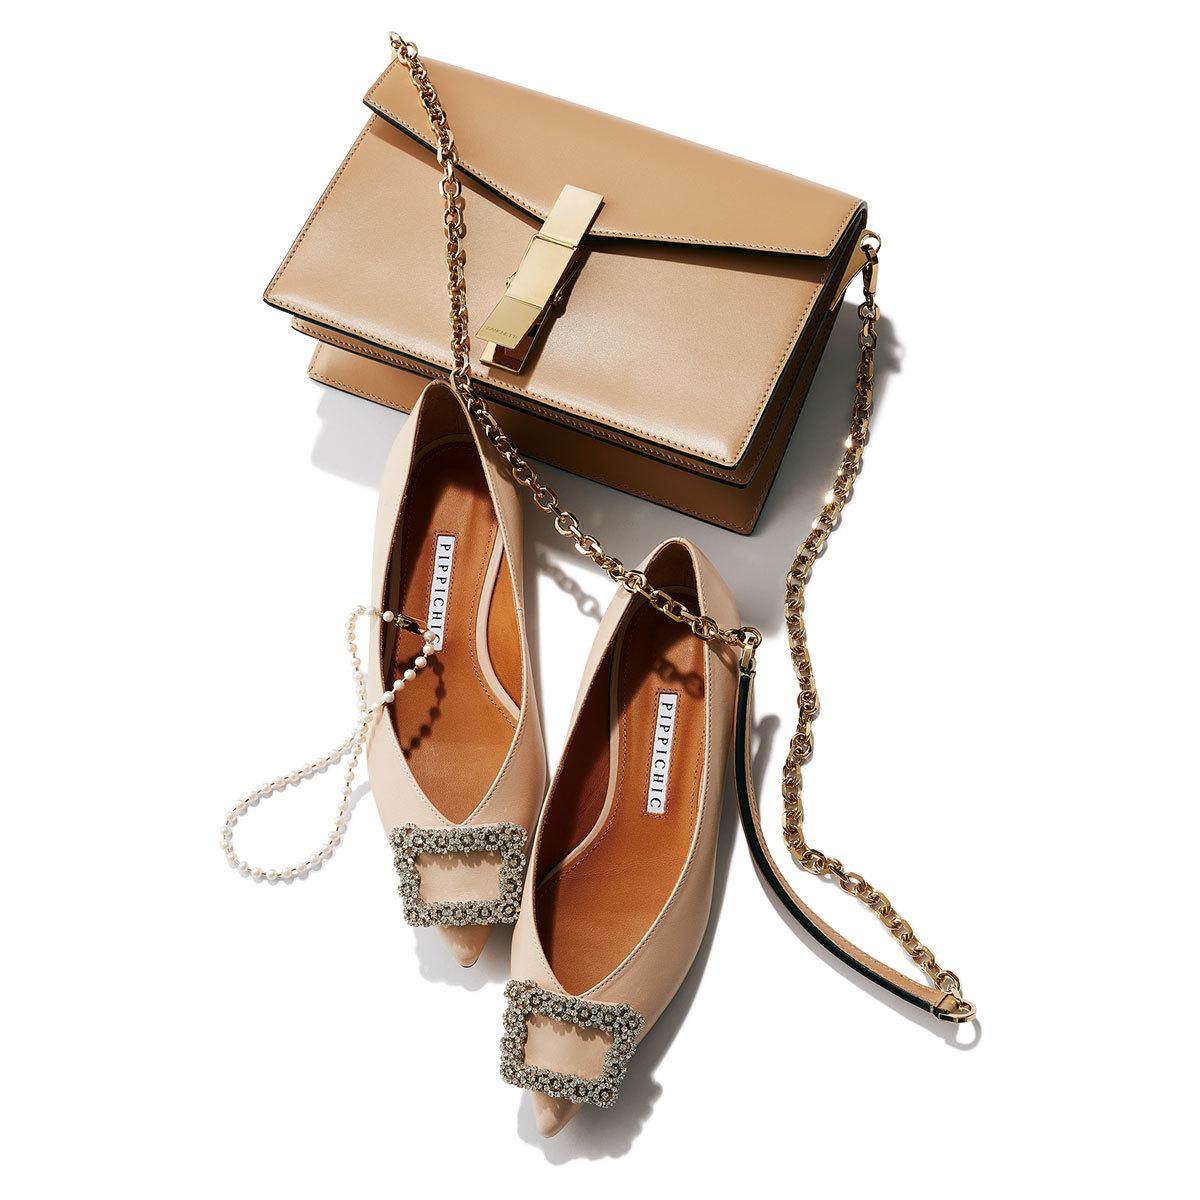 (上から時計回りに)バッグ¥132,000/ウィムガゼット青山店(ザンケッティ) 靴¥39,600/ベイジュ(ピッピシック) ネックレス¥26,400/マユ ショールーム(マユ)